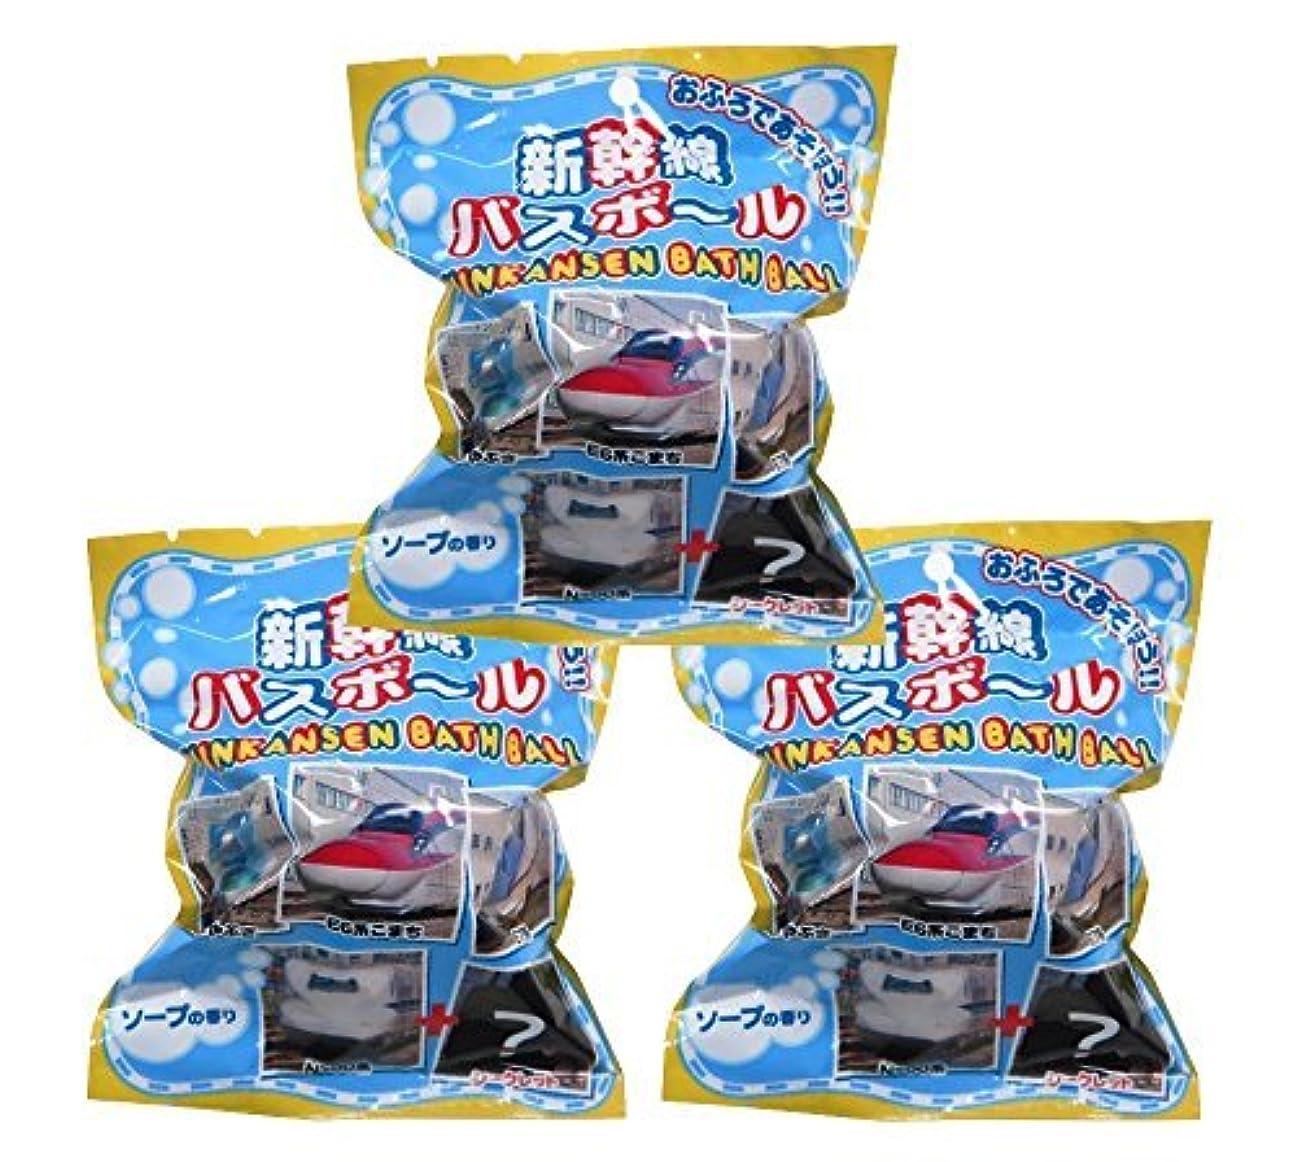 ナインへキャプテンブライ主婦JR新幹線 入浴剤 マスコットが飛び出るバスボール 3個セット